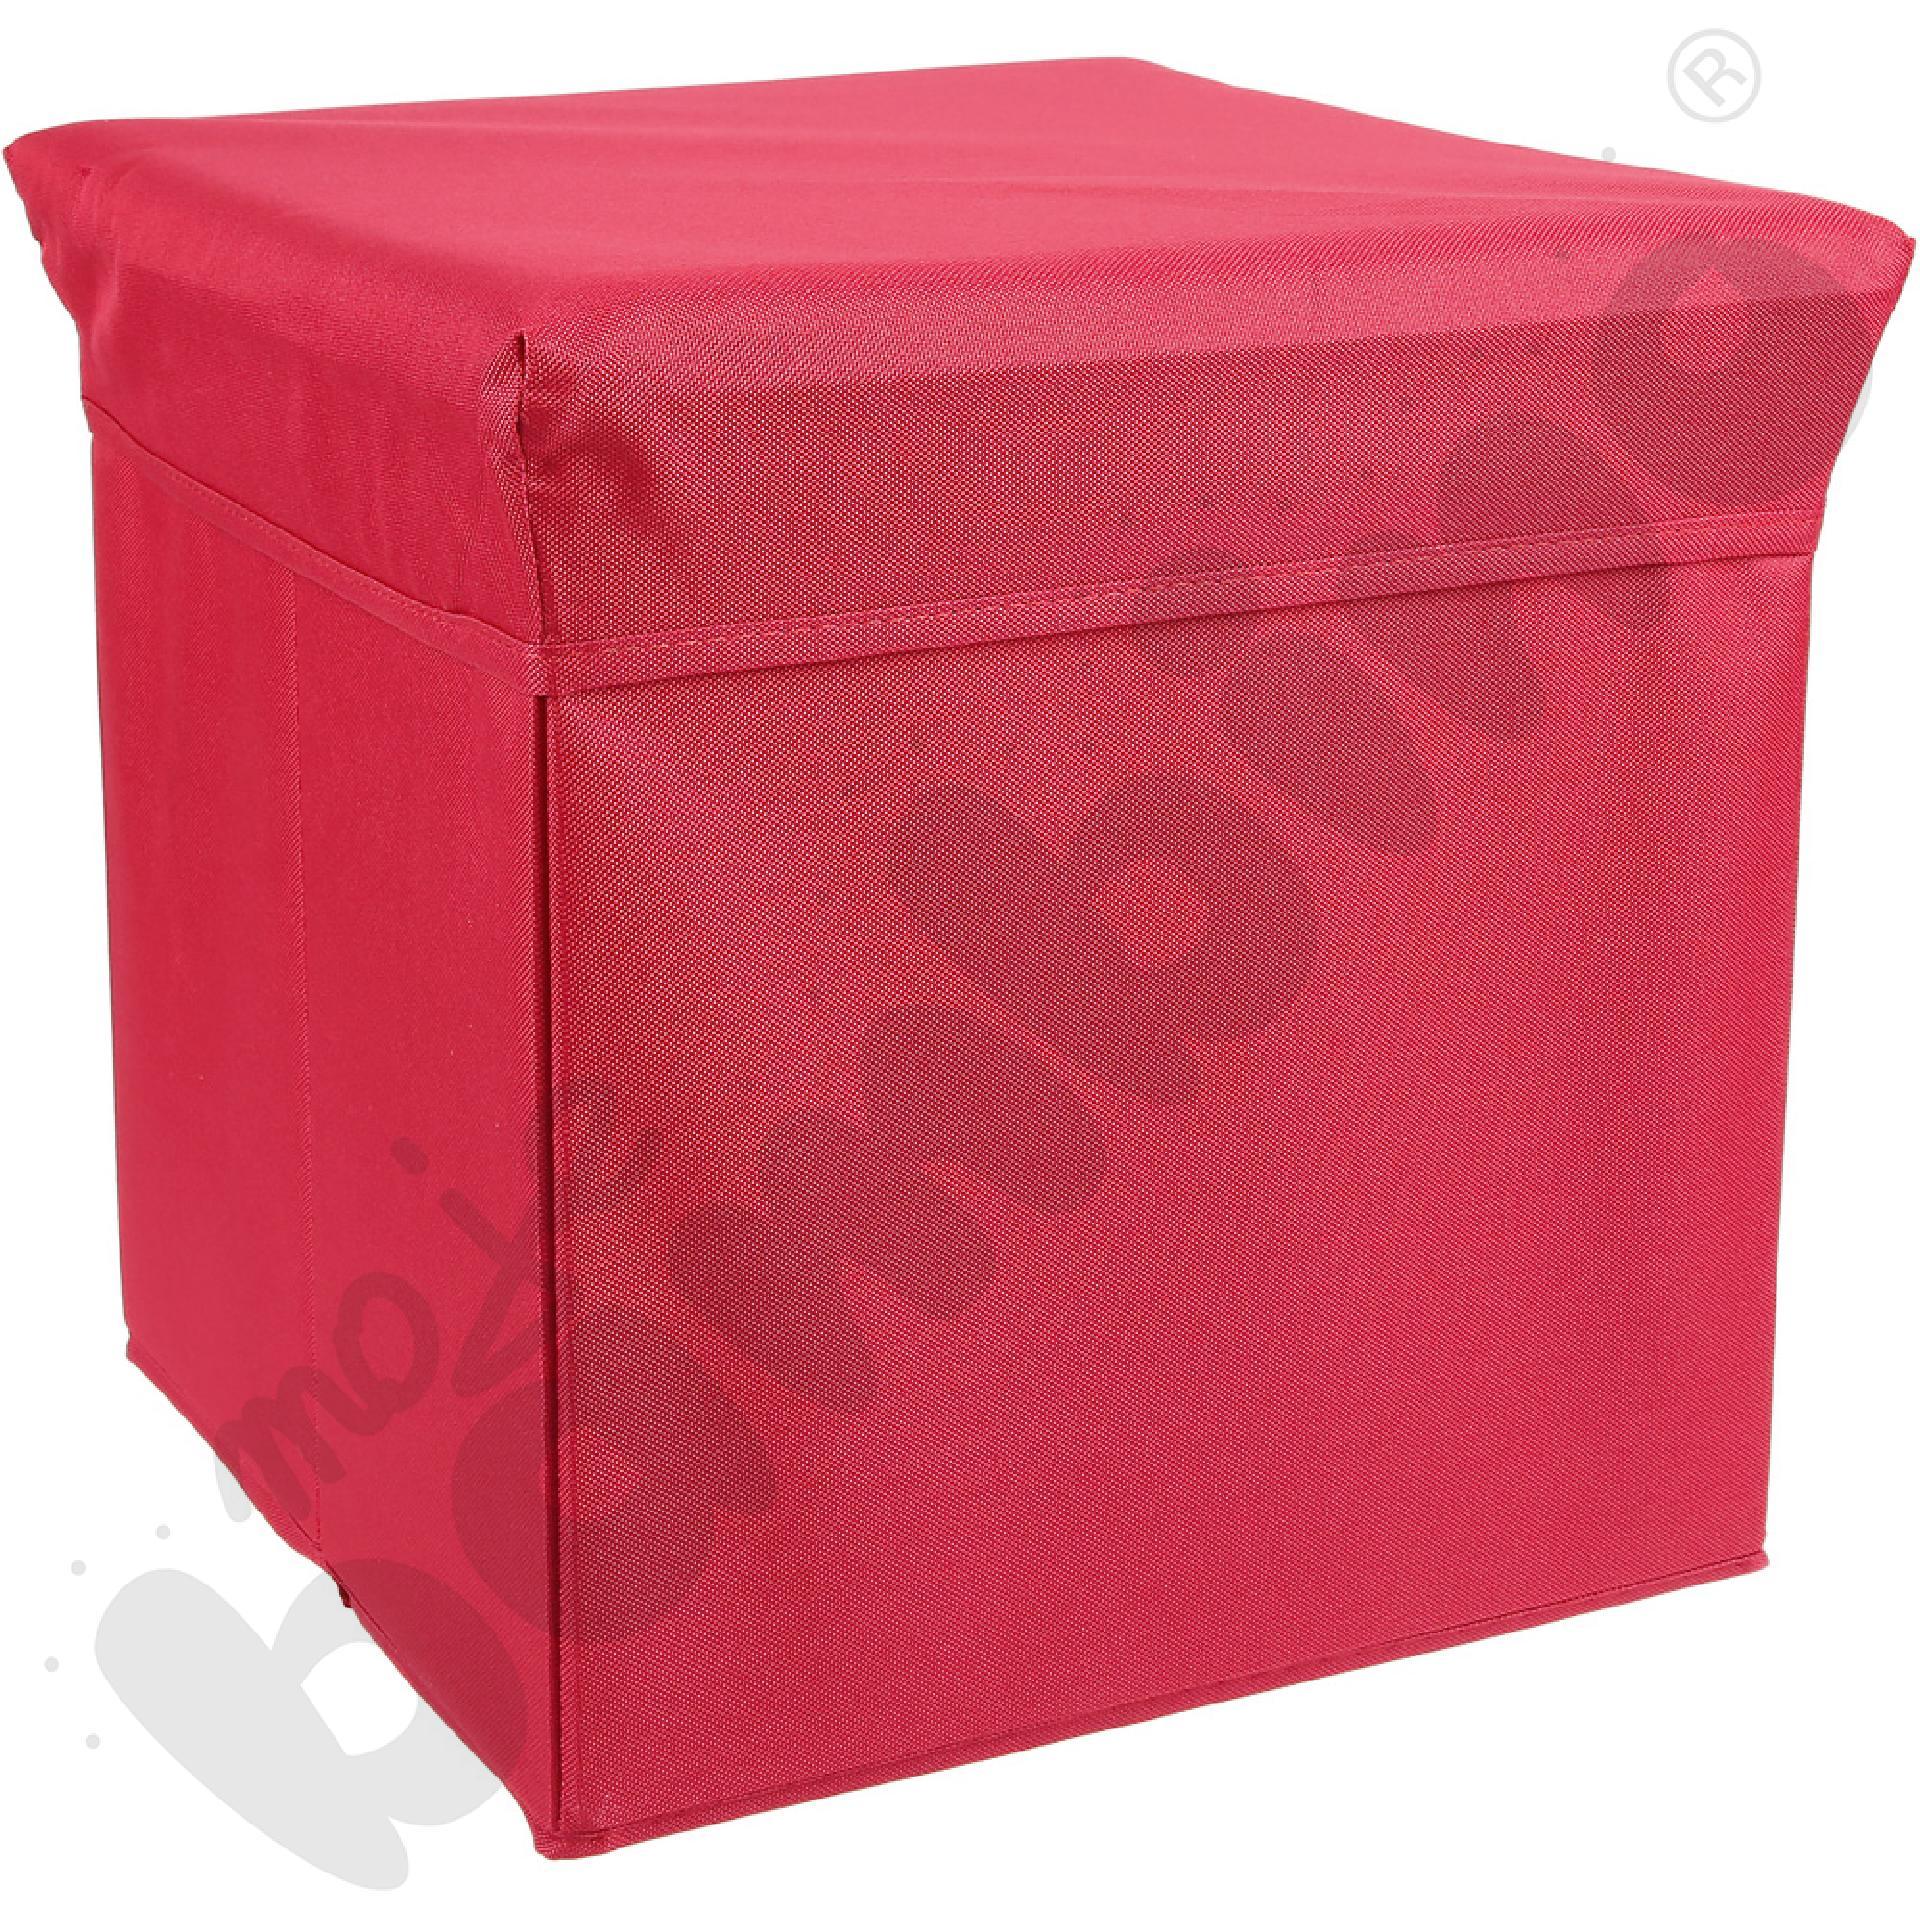 Pufa-pojemnik z tkaniny - czerwona